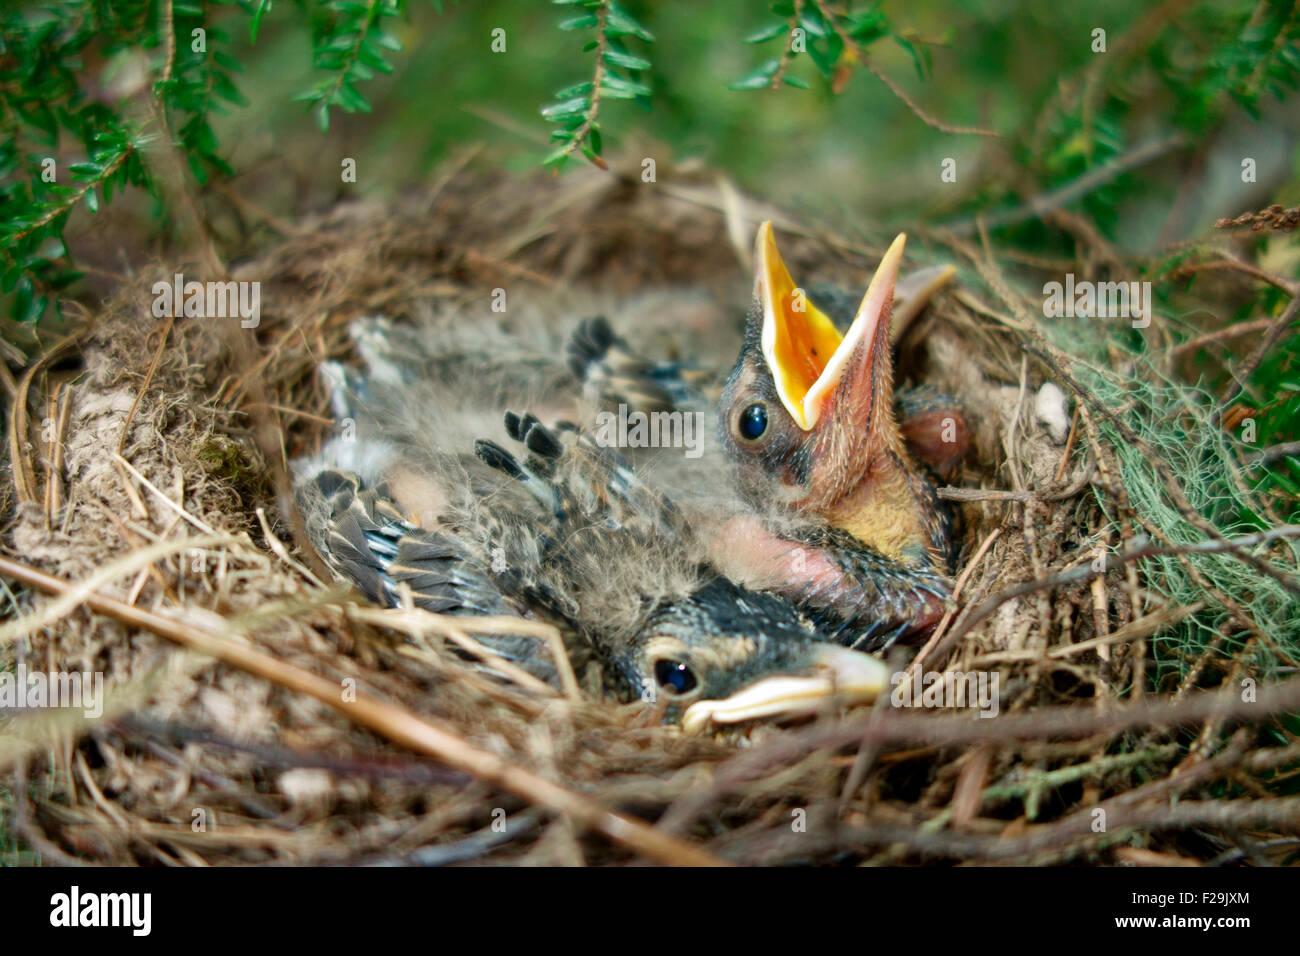 Un nido de joven estadounidense Robin aves aves bebés polluelos crías pichones Imagen De Stock